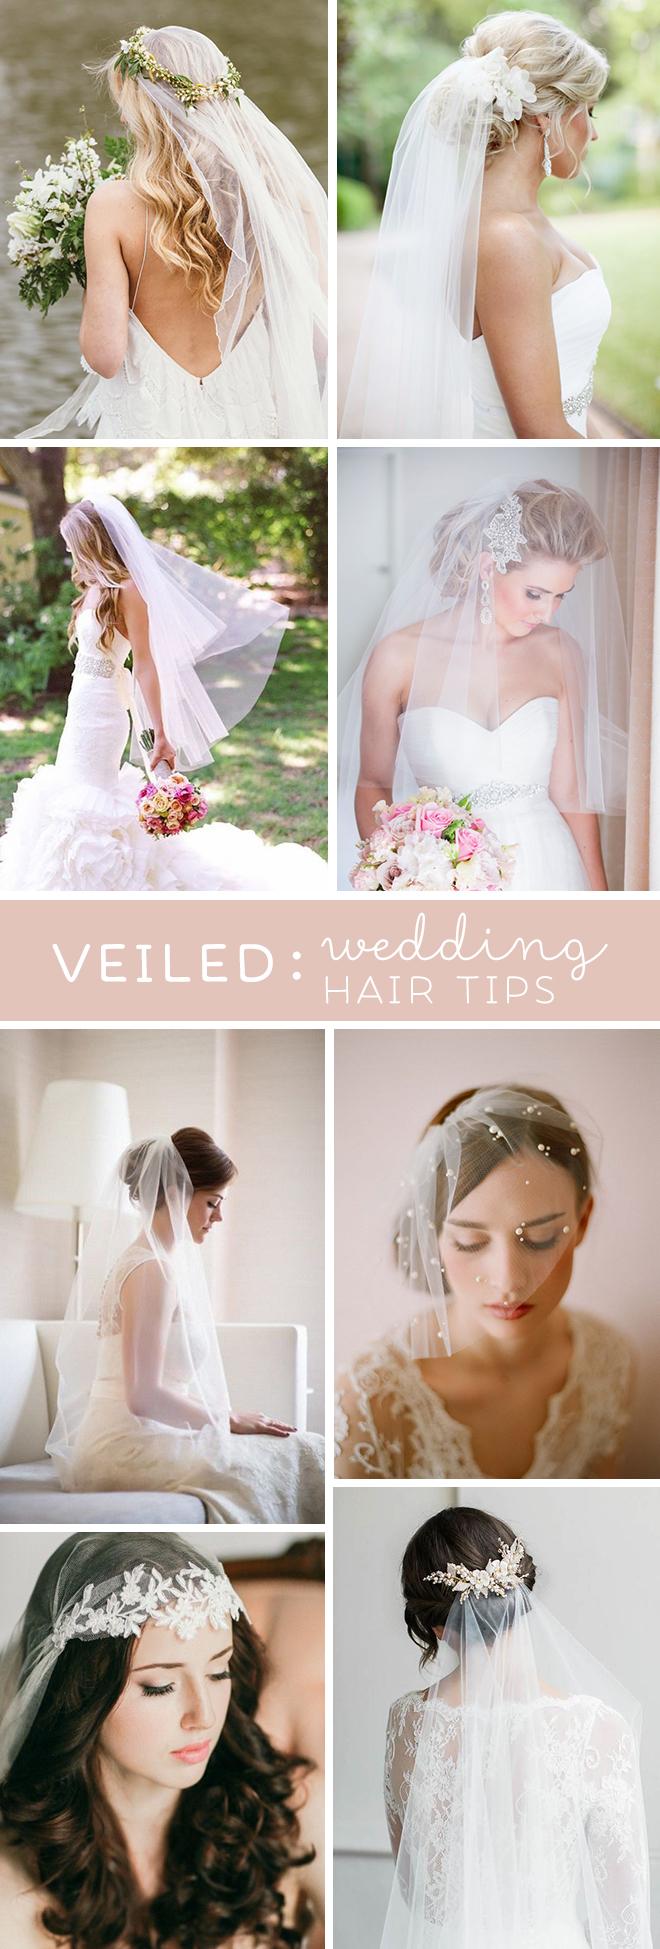 Veiled-Wedding-Hair-Tips